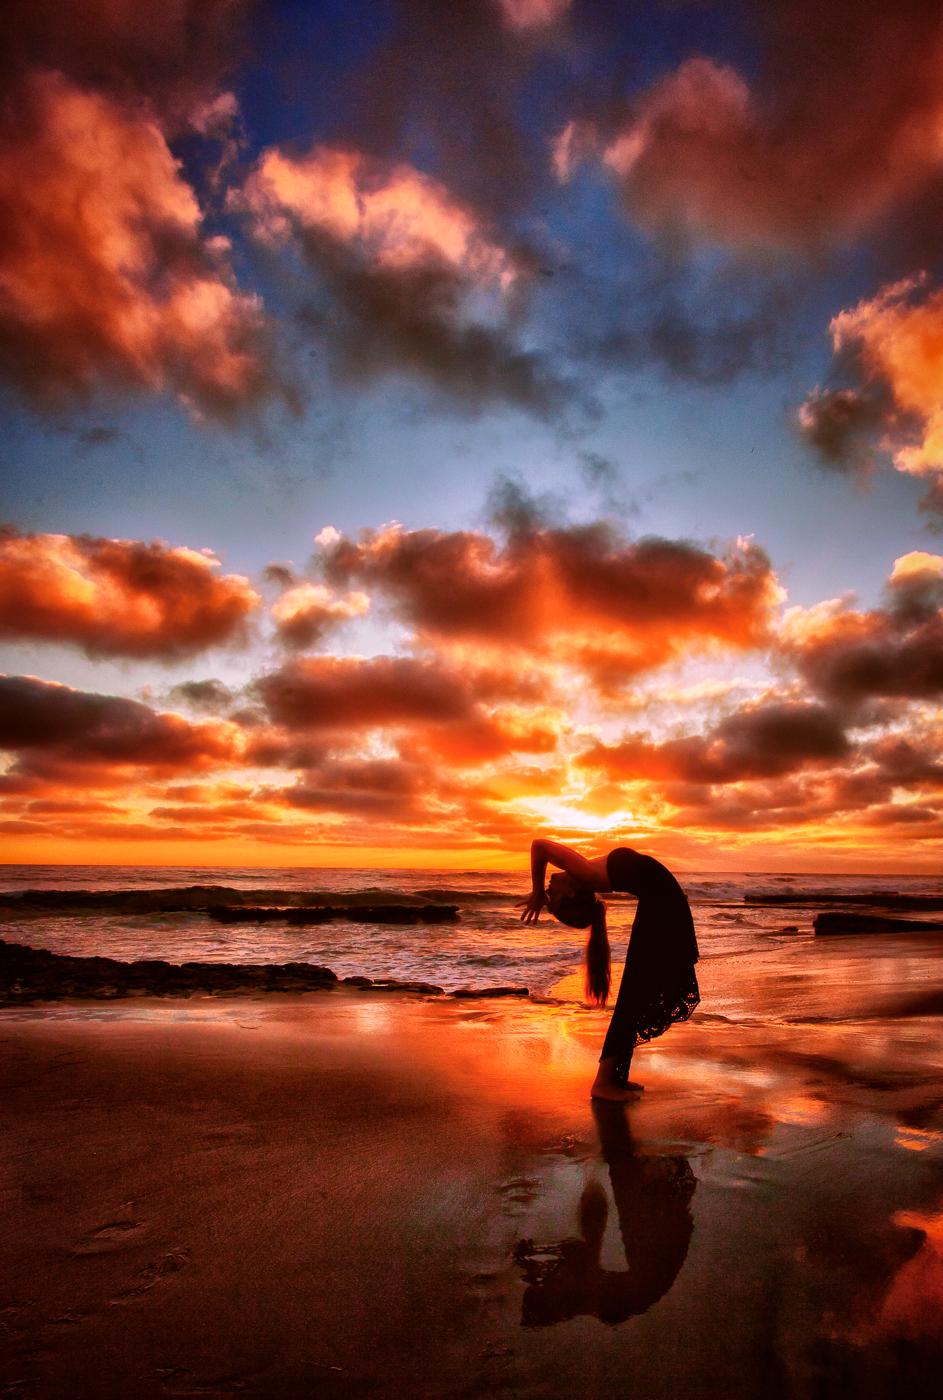 sunset beach dress-2.jpg